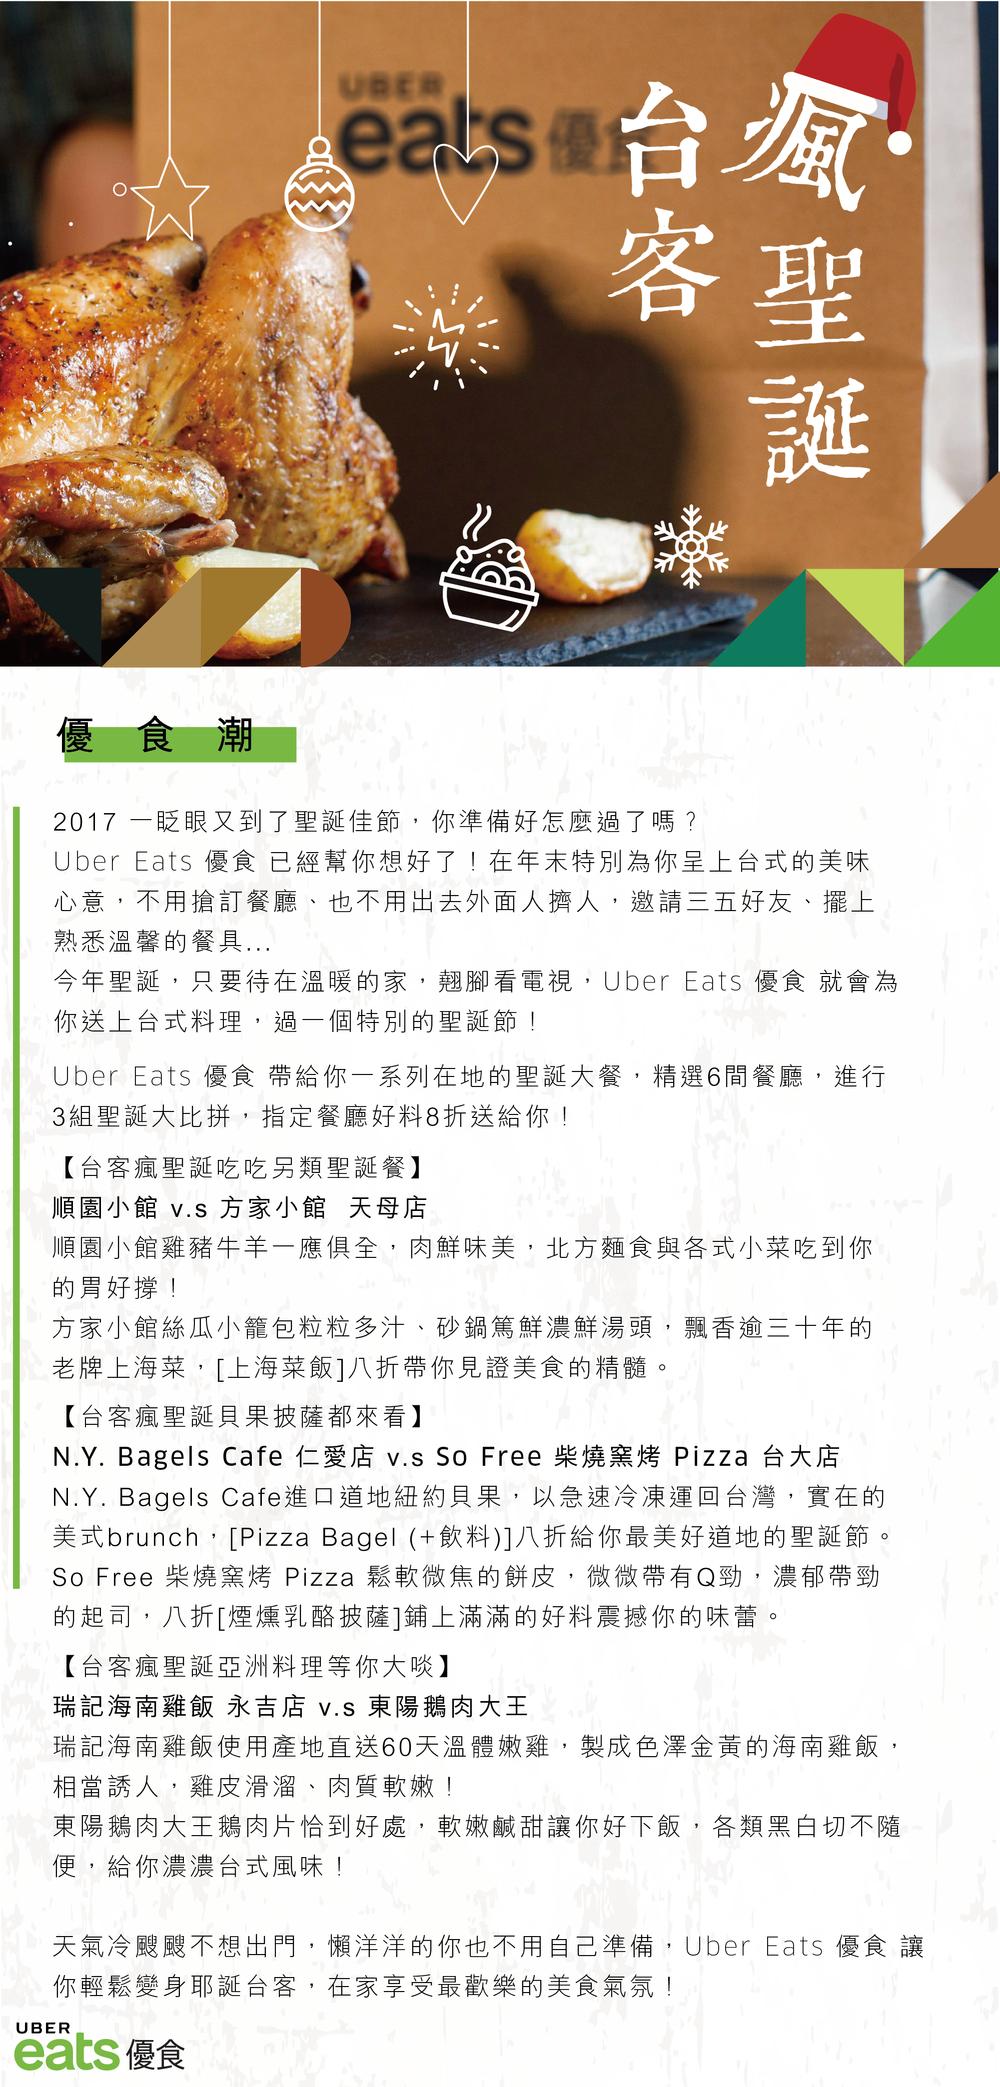 單151_優食誌template_終板_優食潮.png